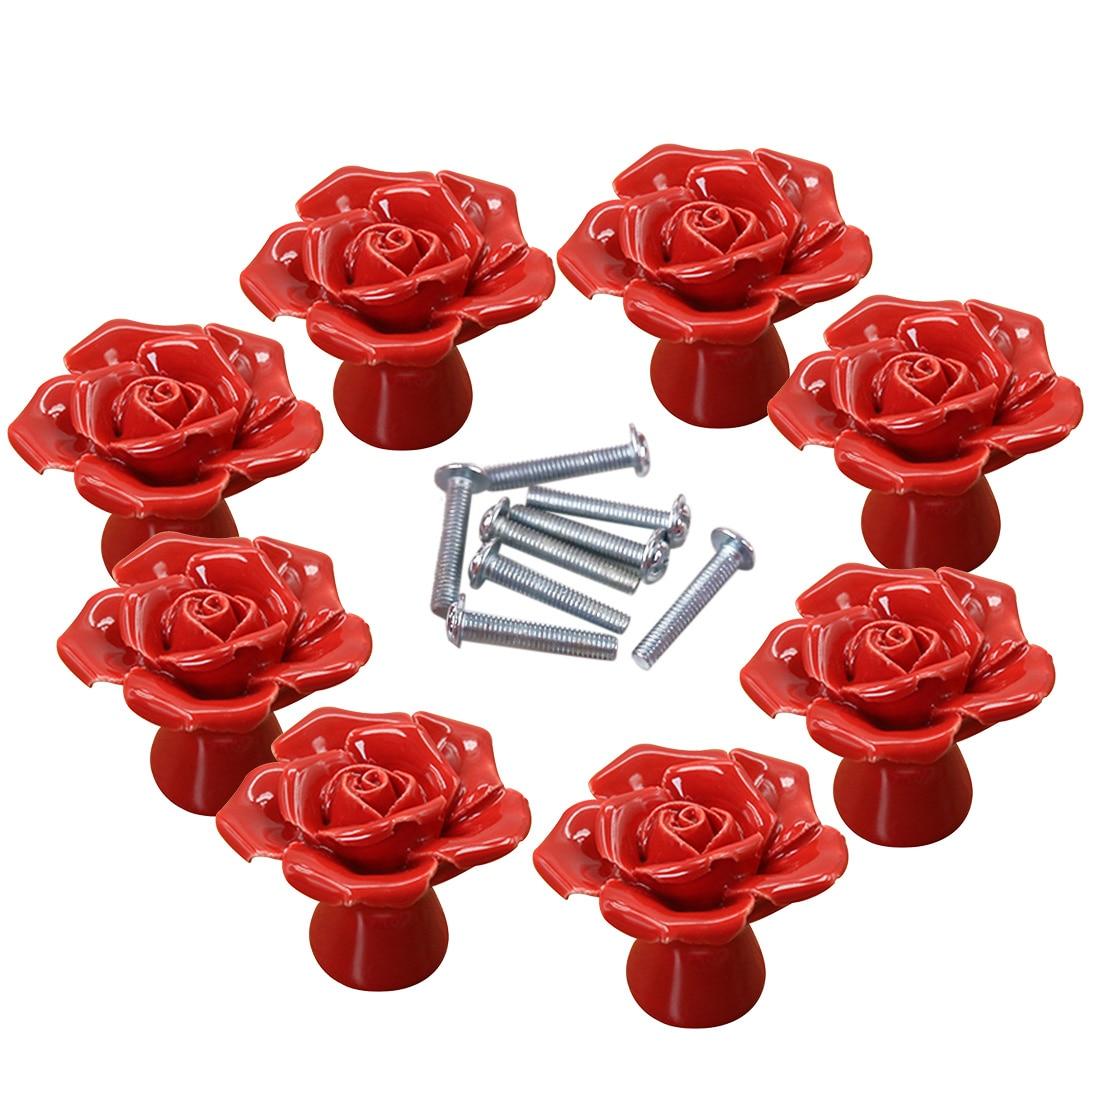 High End Kitchen Cabinet Hardware: 8 Pcs Set High End Elegant Rose Ceramic Furniture Handles